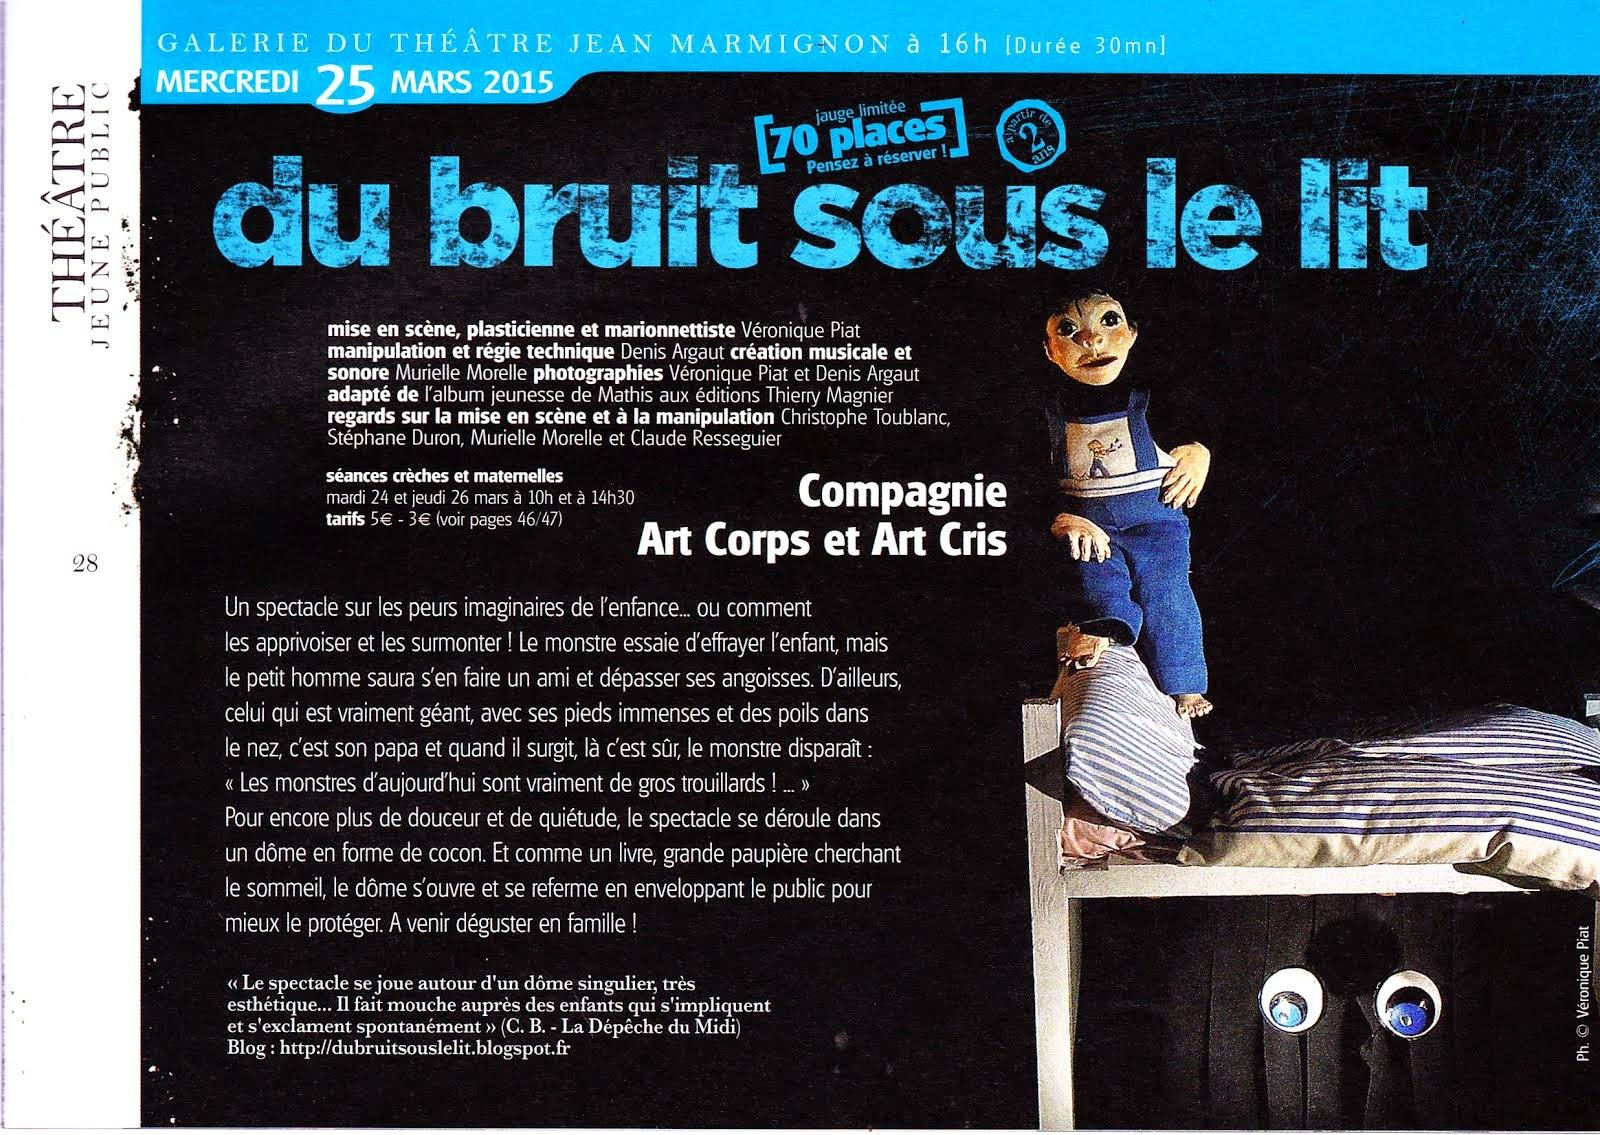 Programmation au théâtre Jean-Marmignon de Saint Gaudens les 24, 25, 26  mars